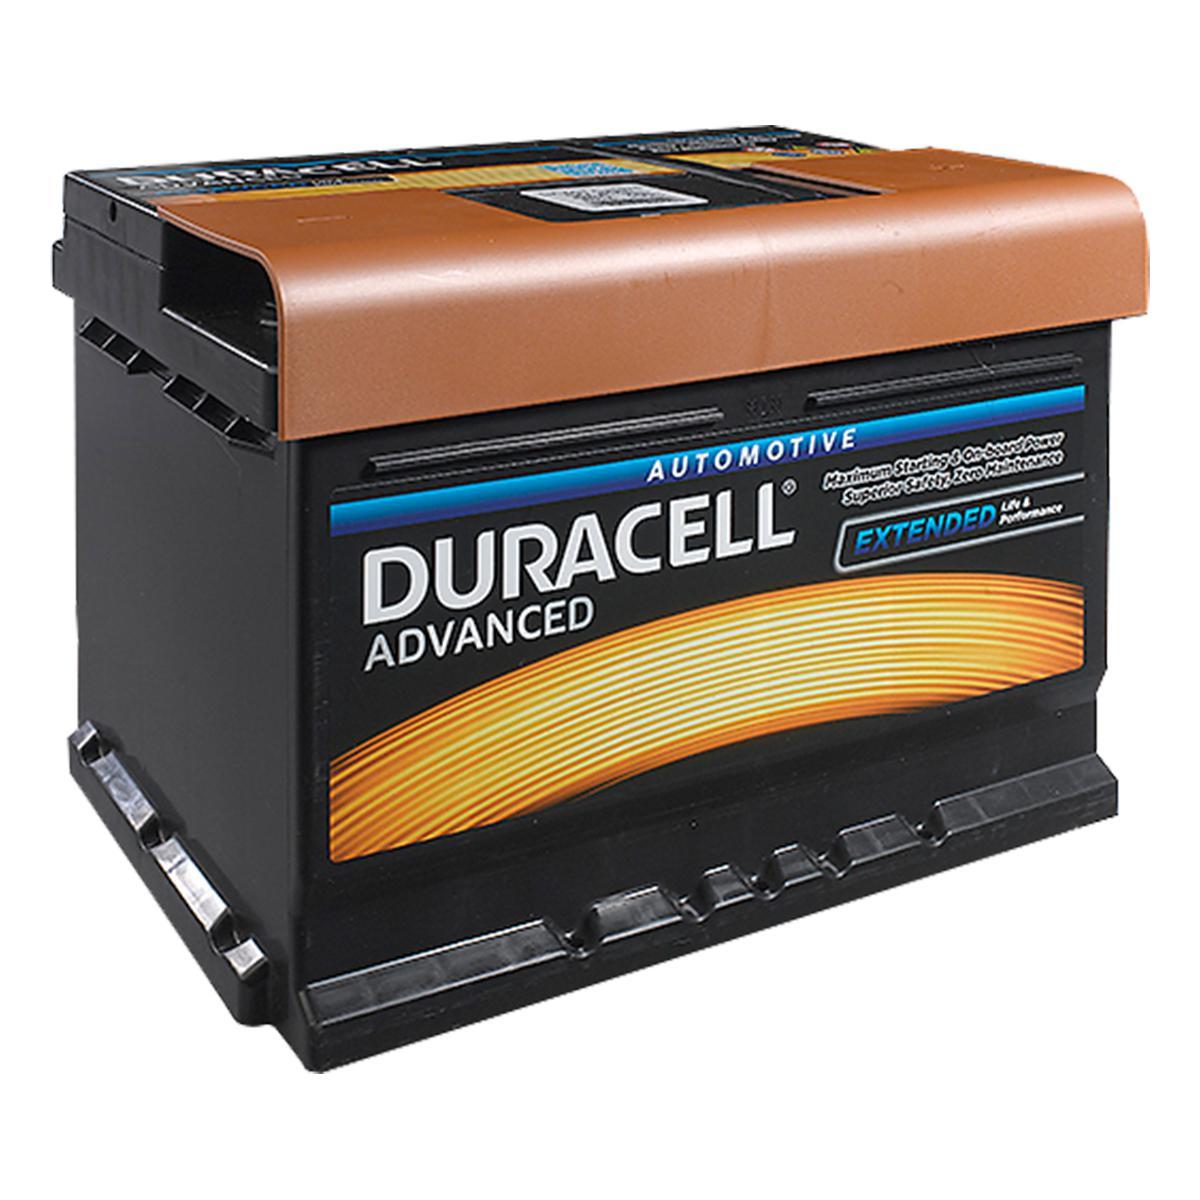 Duracell Car Battery Review >> Duracell 075 Da60t Advanced Car Battery